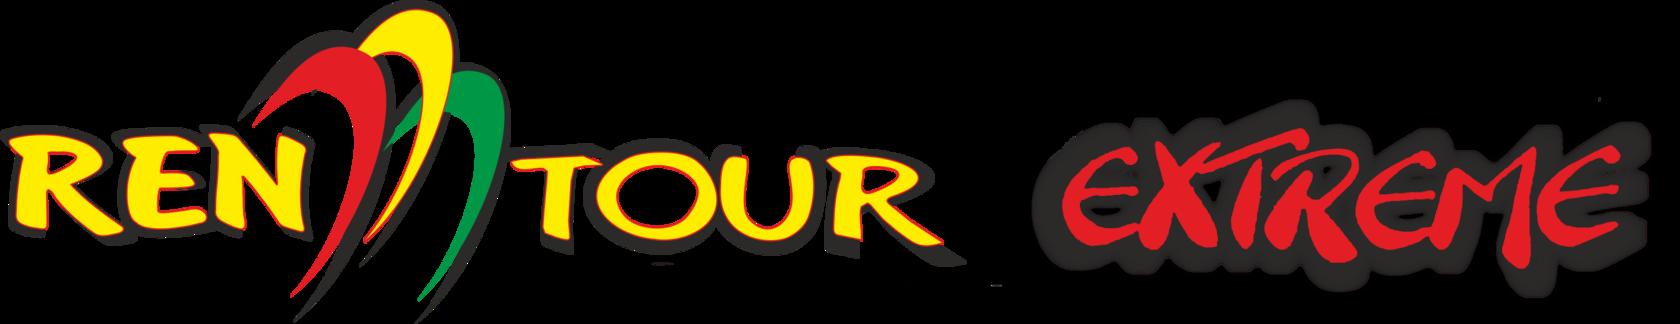 REN TOUR EXTREME